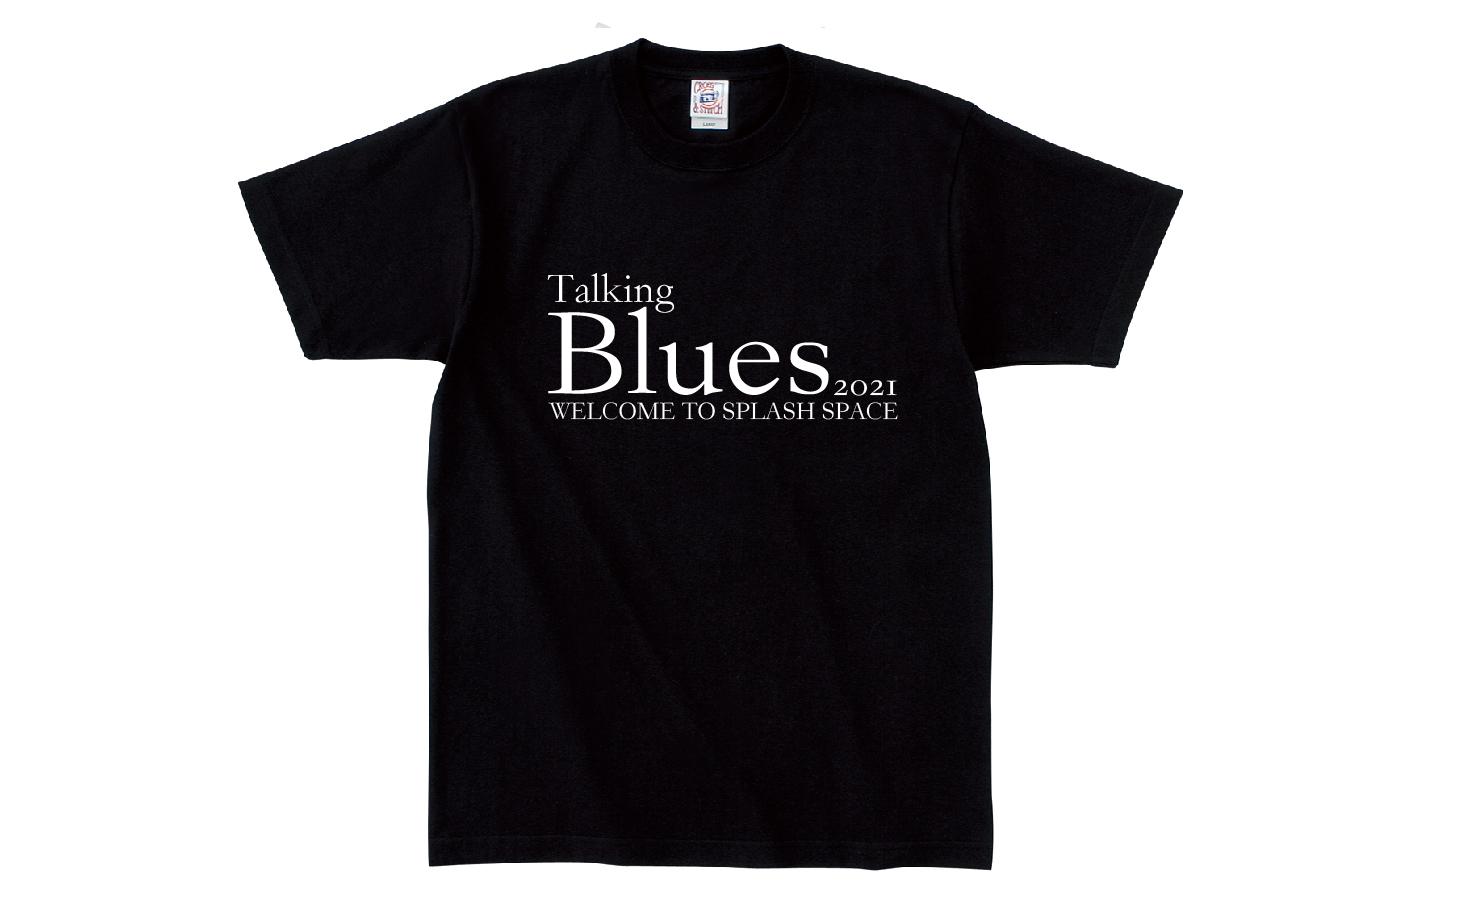 トーキングブルースツアー2021Tシャツ